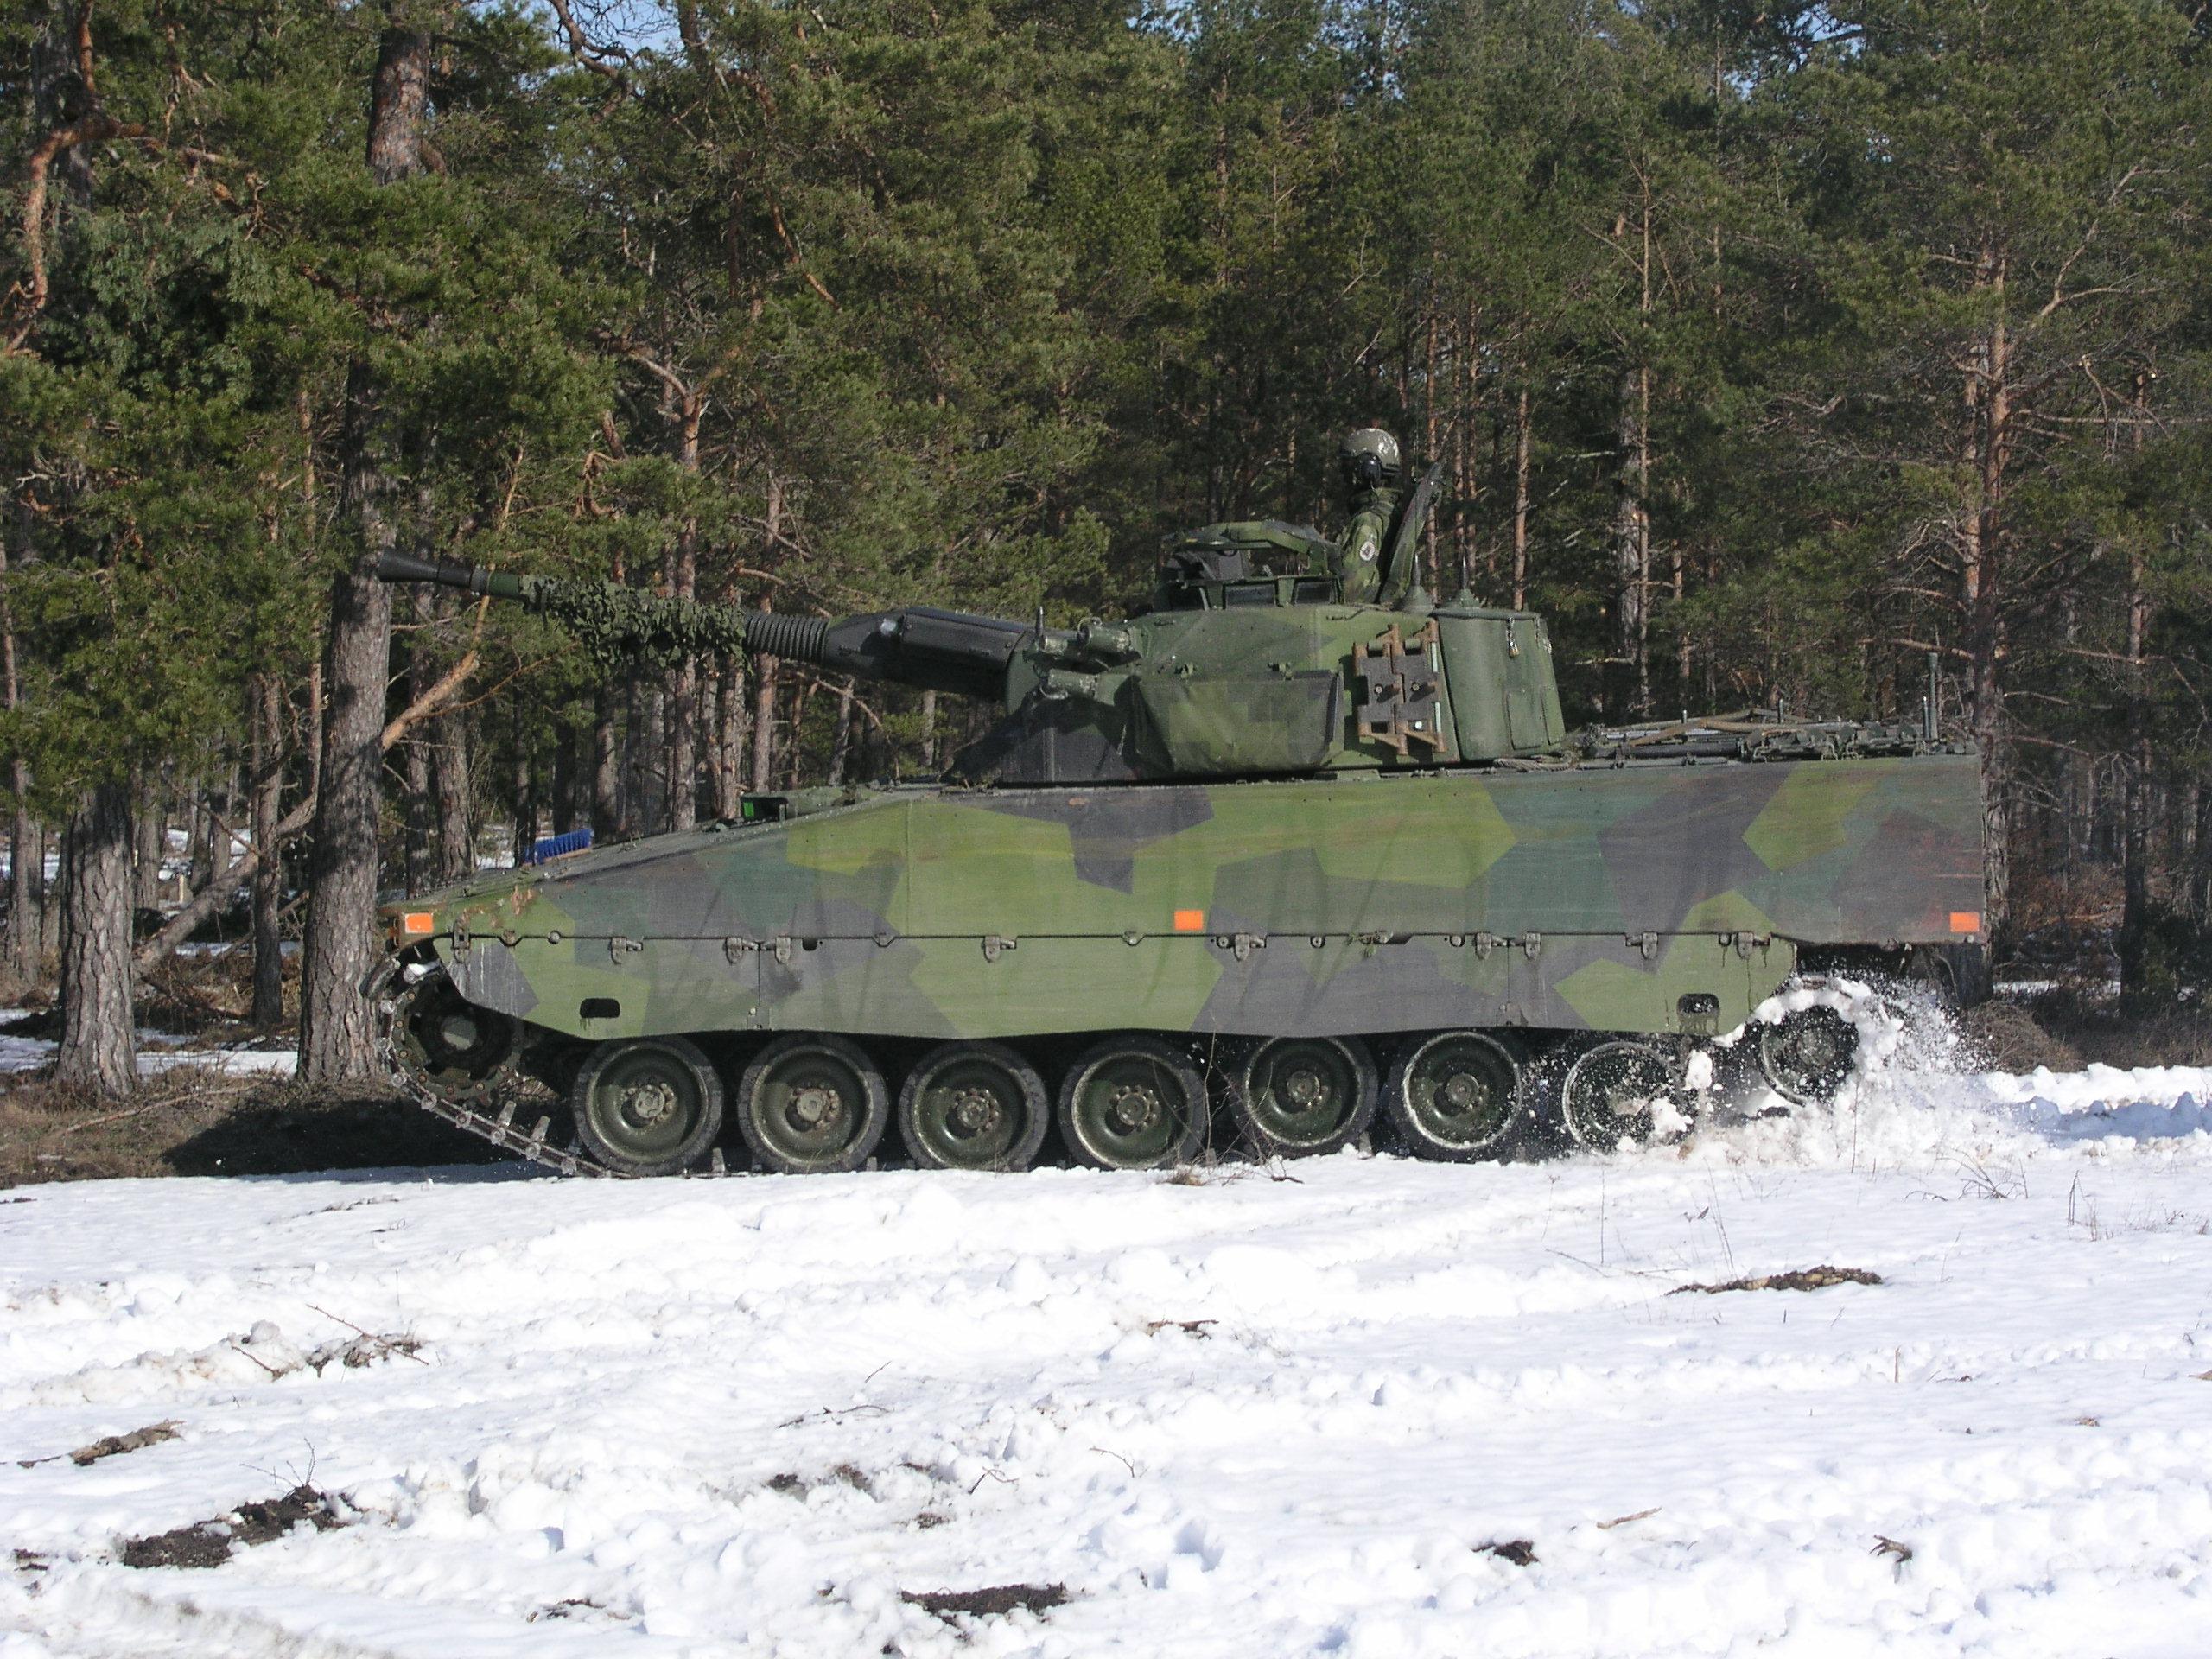 CV 9040 Svedese